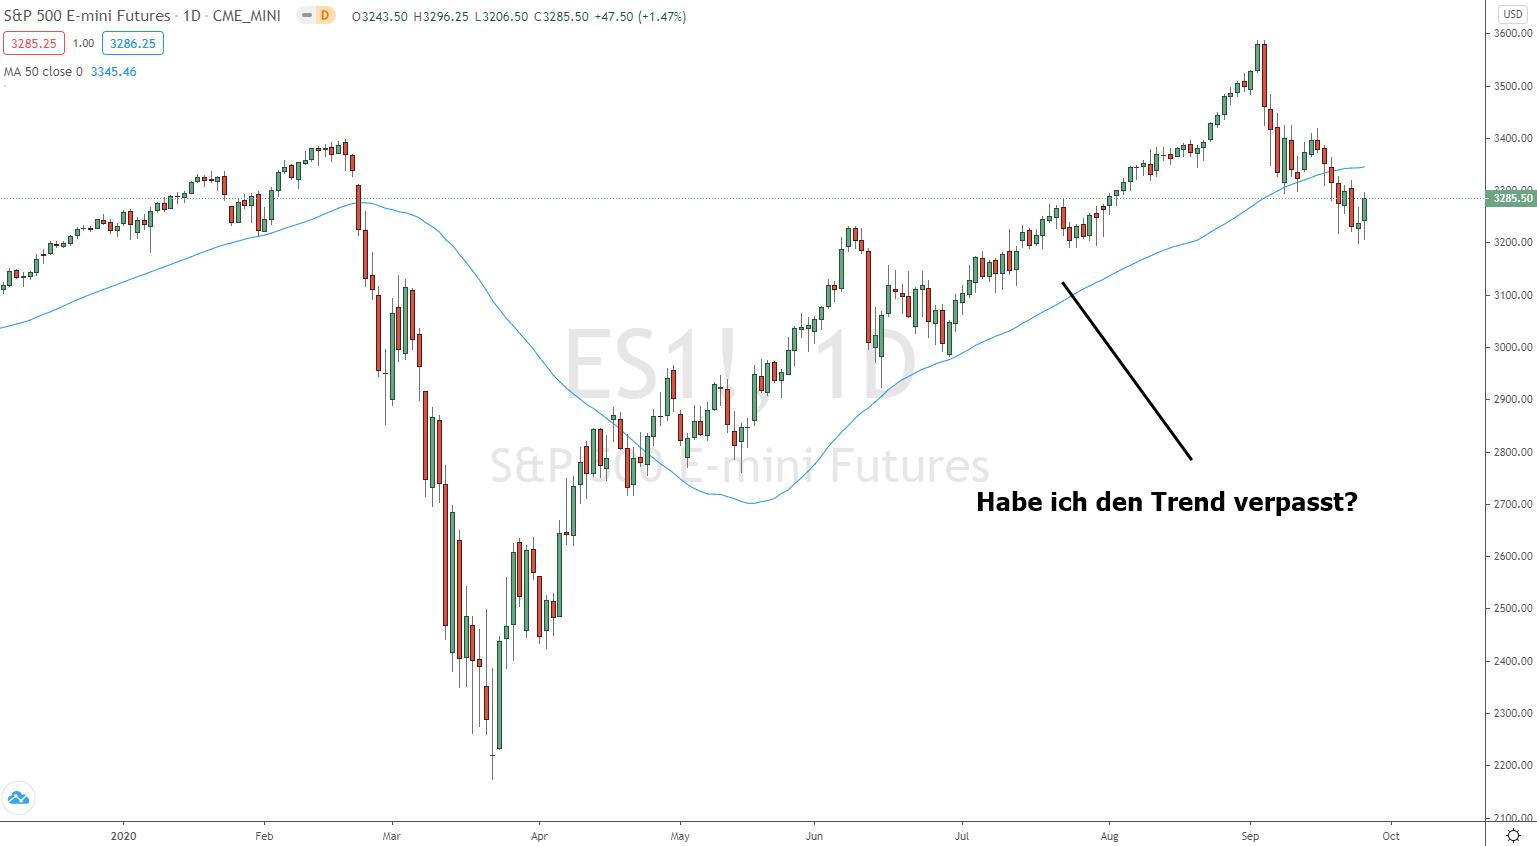 Trading Psychologie Trend verpasst